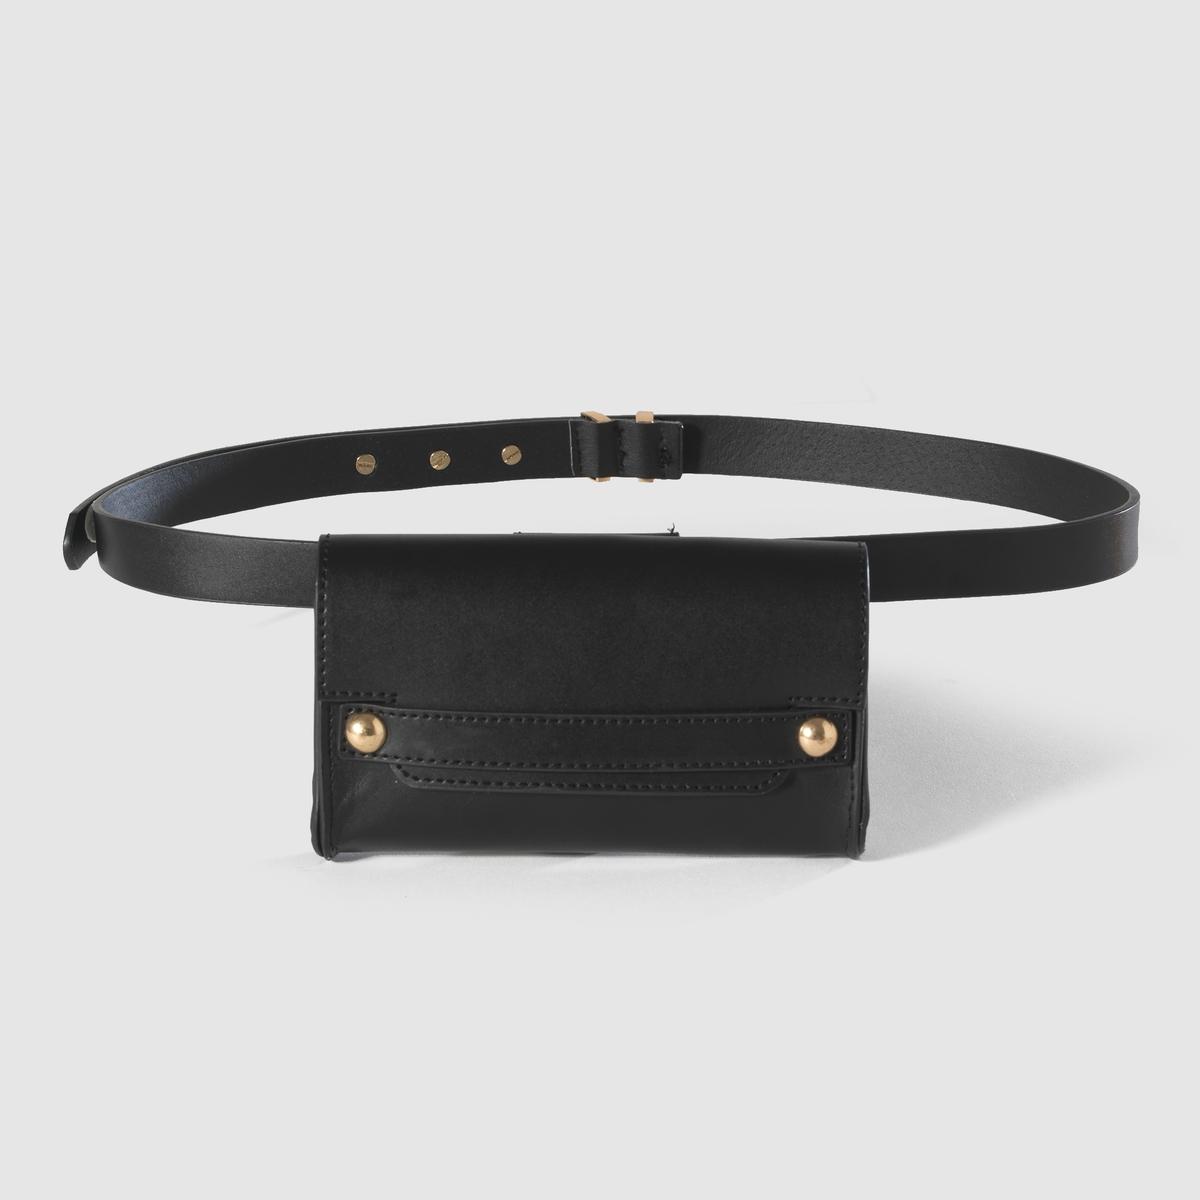 Пояс с сумкойМатериал: кожа.Застежка: металлическая пряжкаШирина: 2 смОбхват талии в см : 80-90-100<br><br>Цвет: черный<br>Размер: 80 см.100 см.90 см